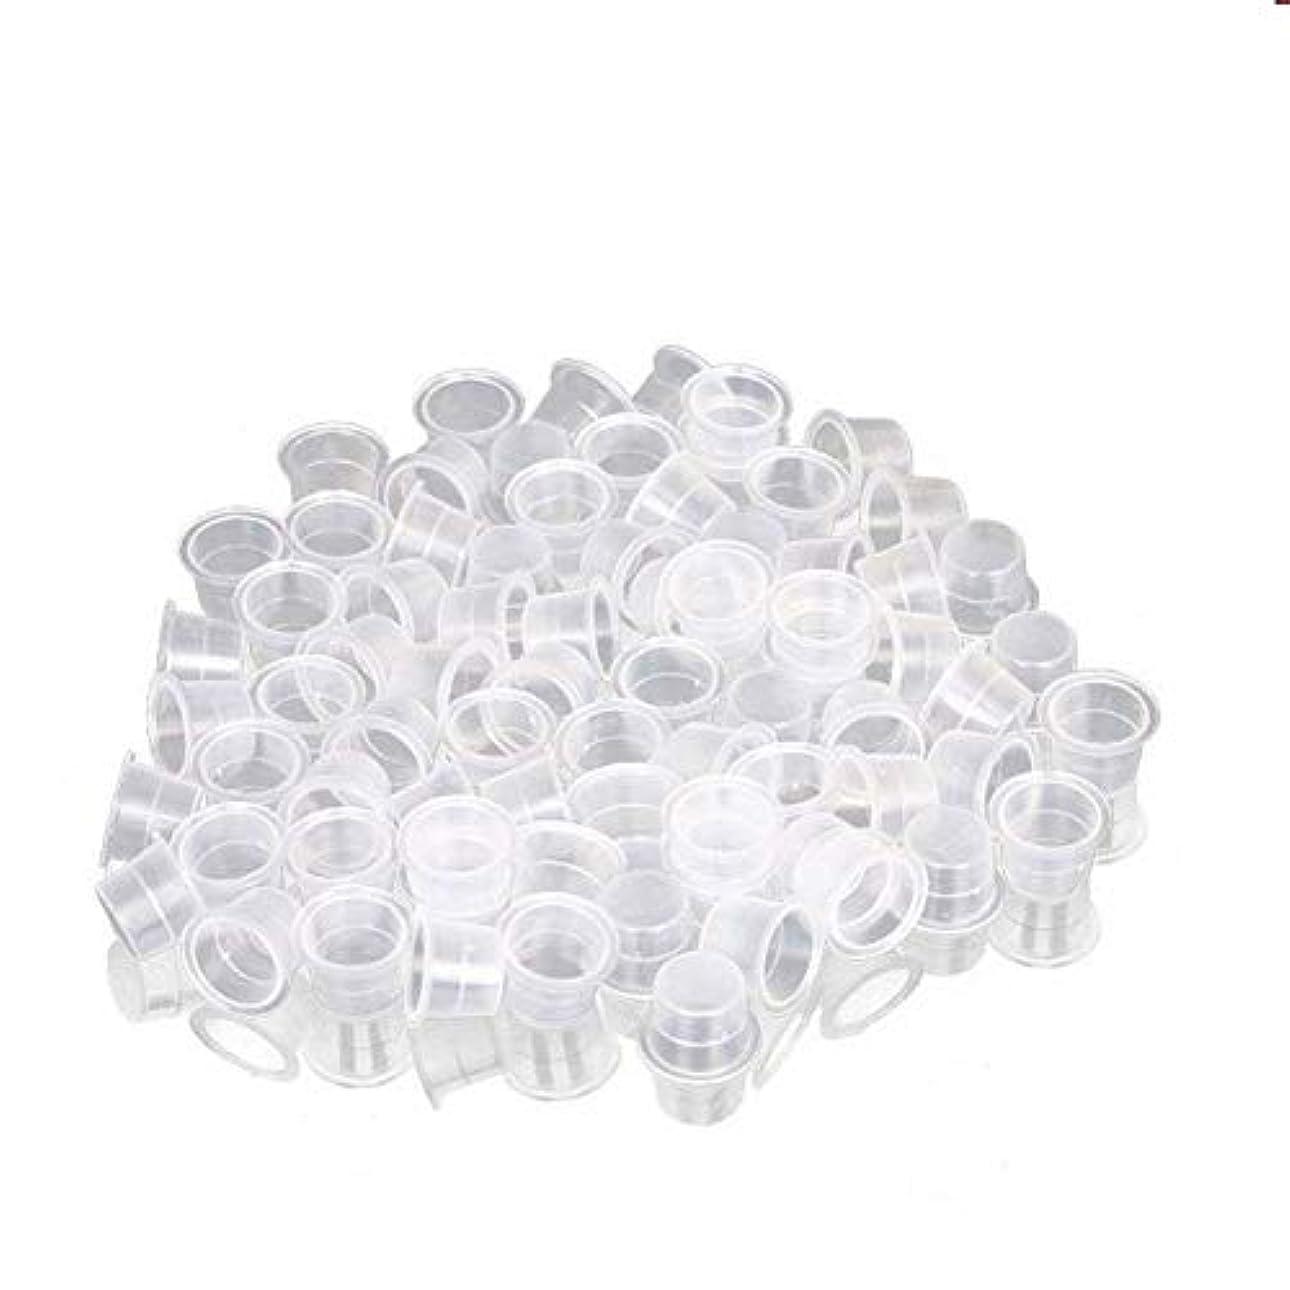 辛いオーバーヘッドワイドインクカップ、顔料カップ、顔料ボックス ディスポーザブル、シリコーン製颜料ツール、キッ100個のための小さな染料皿